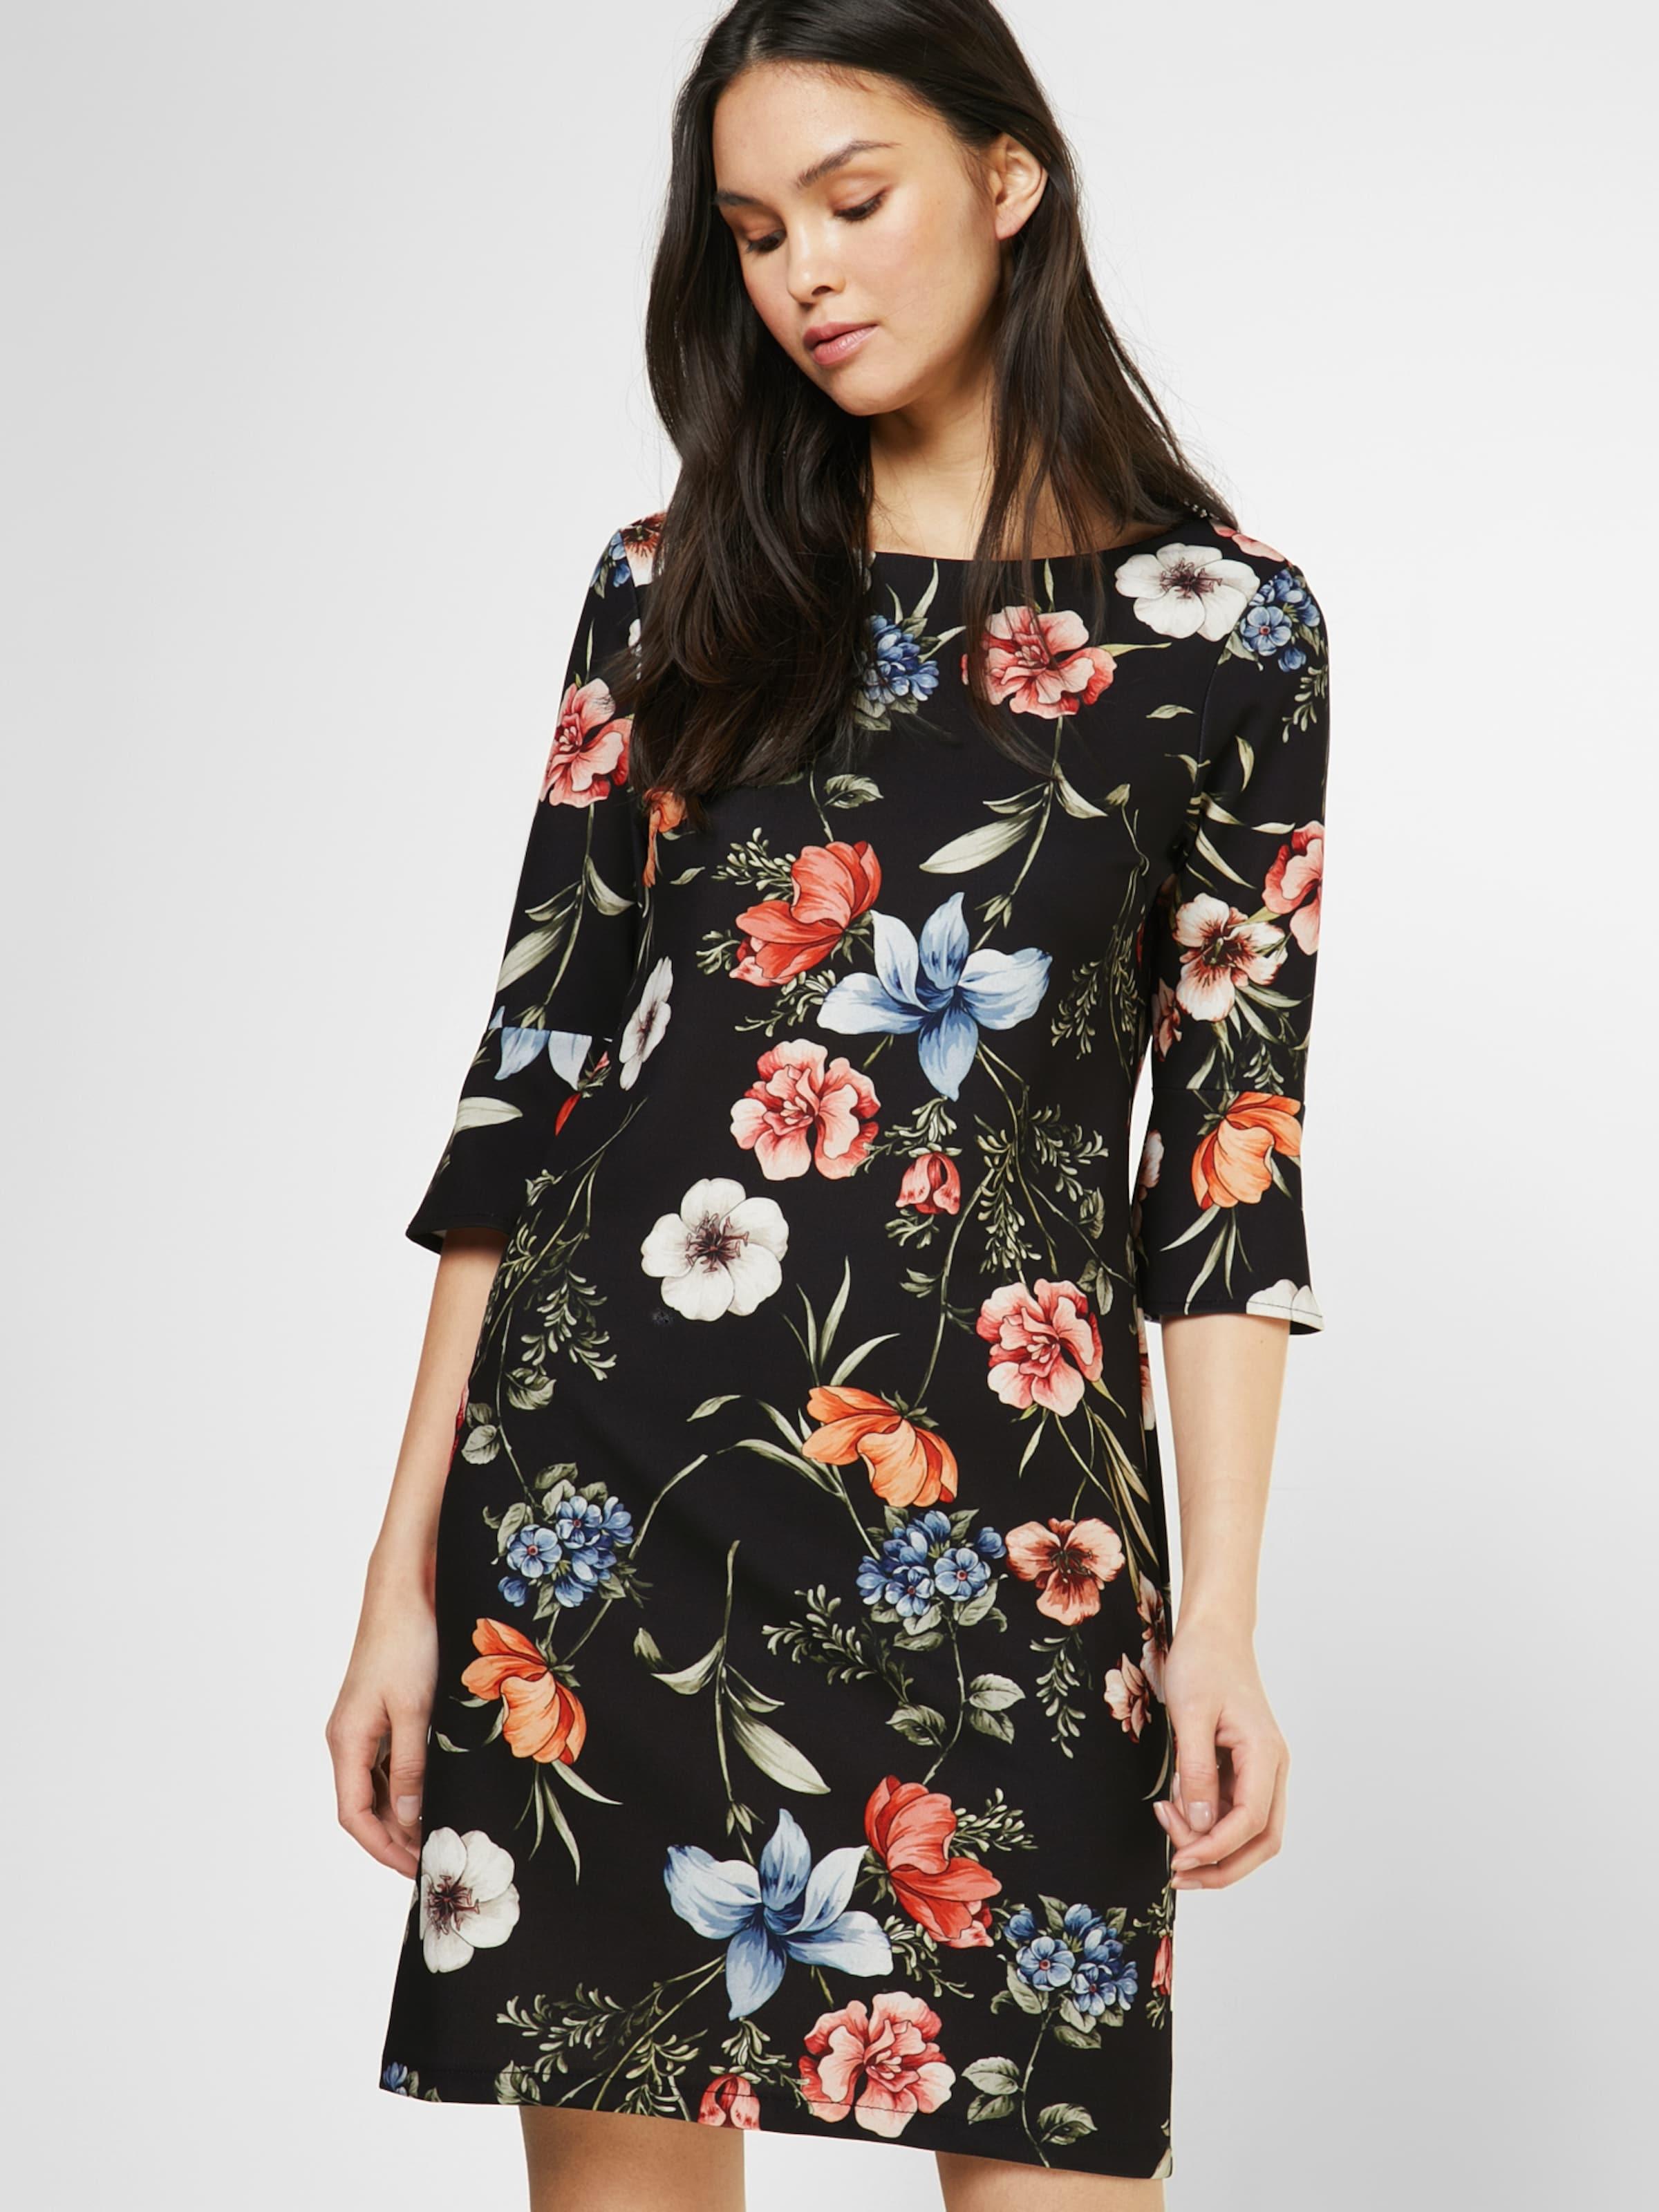 Cartoon Kleid Größte Lieferant Für Verkauf Rabatt Manchester Verkauf In Mode Manchester Online rs65qpT4